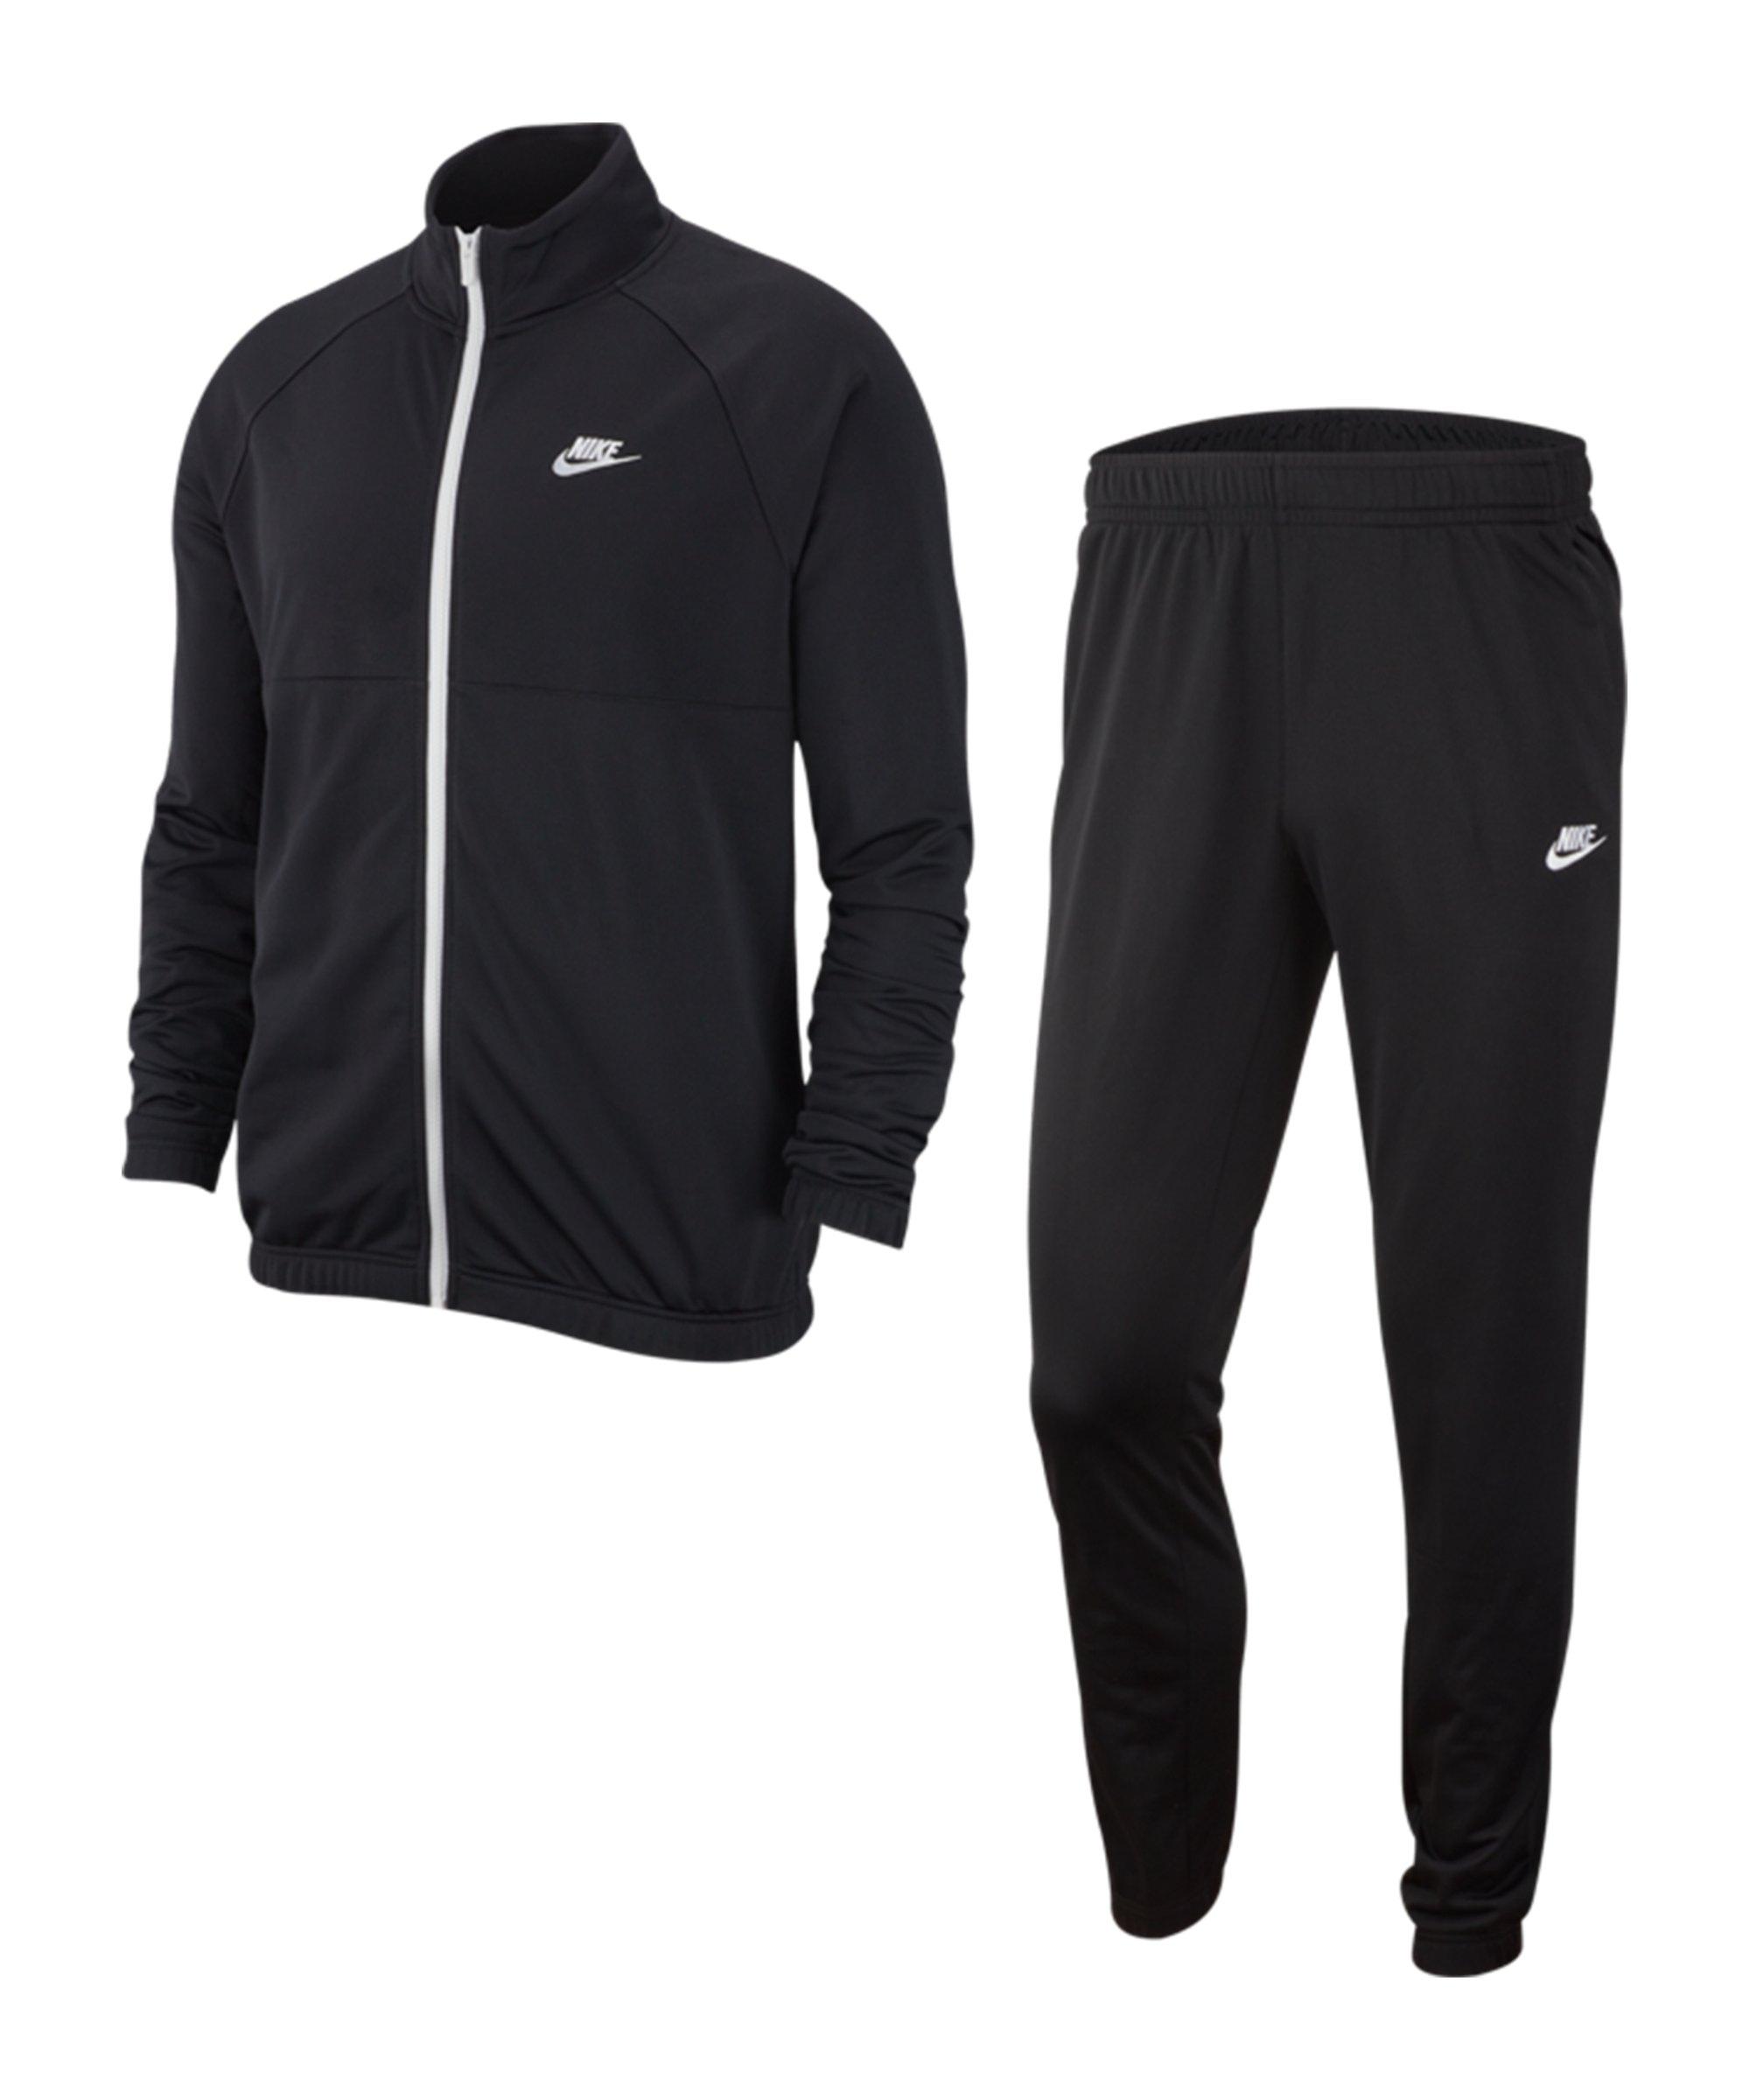 Nike Freizeitanzug Schwarz Weiss F011 - schwarz